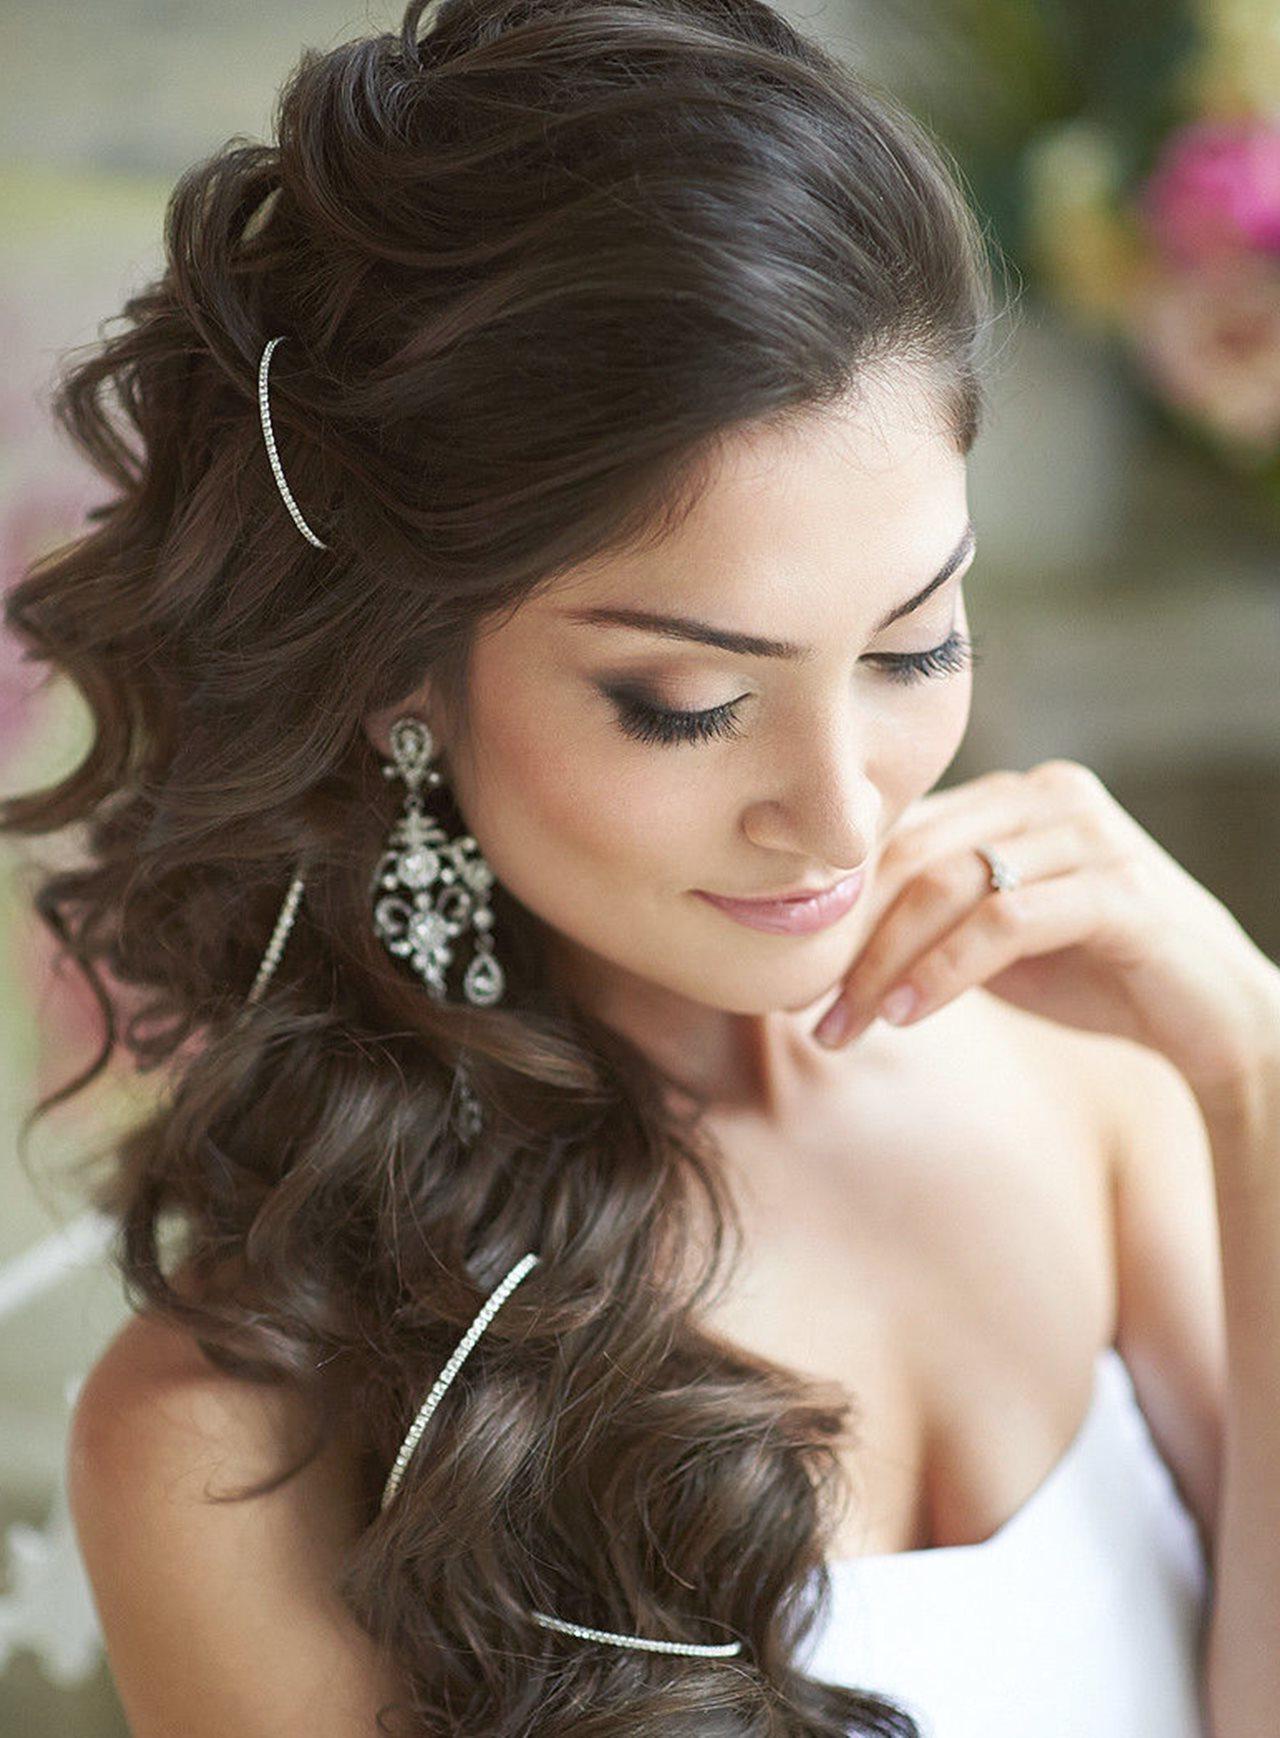 красивые прически на длинные волосы - Легкие локоны: простота и естественность.